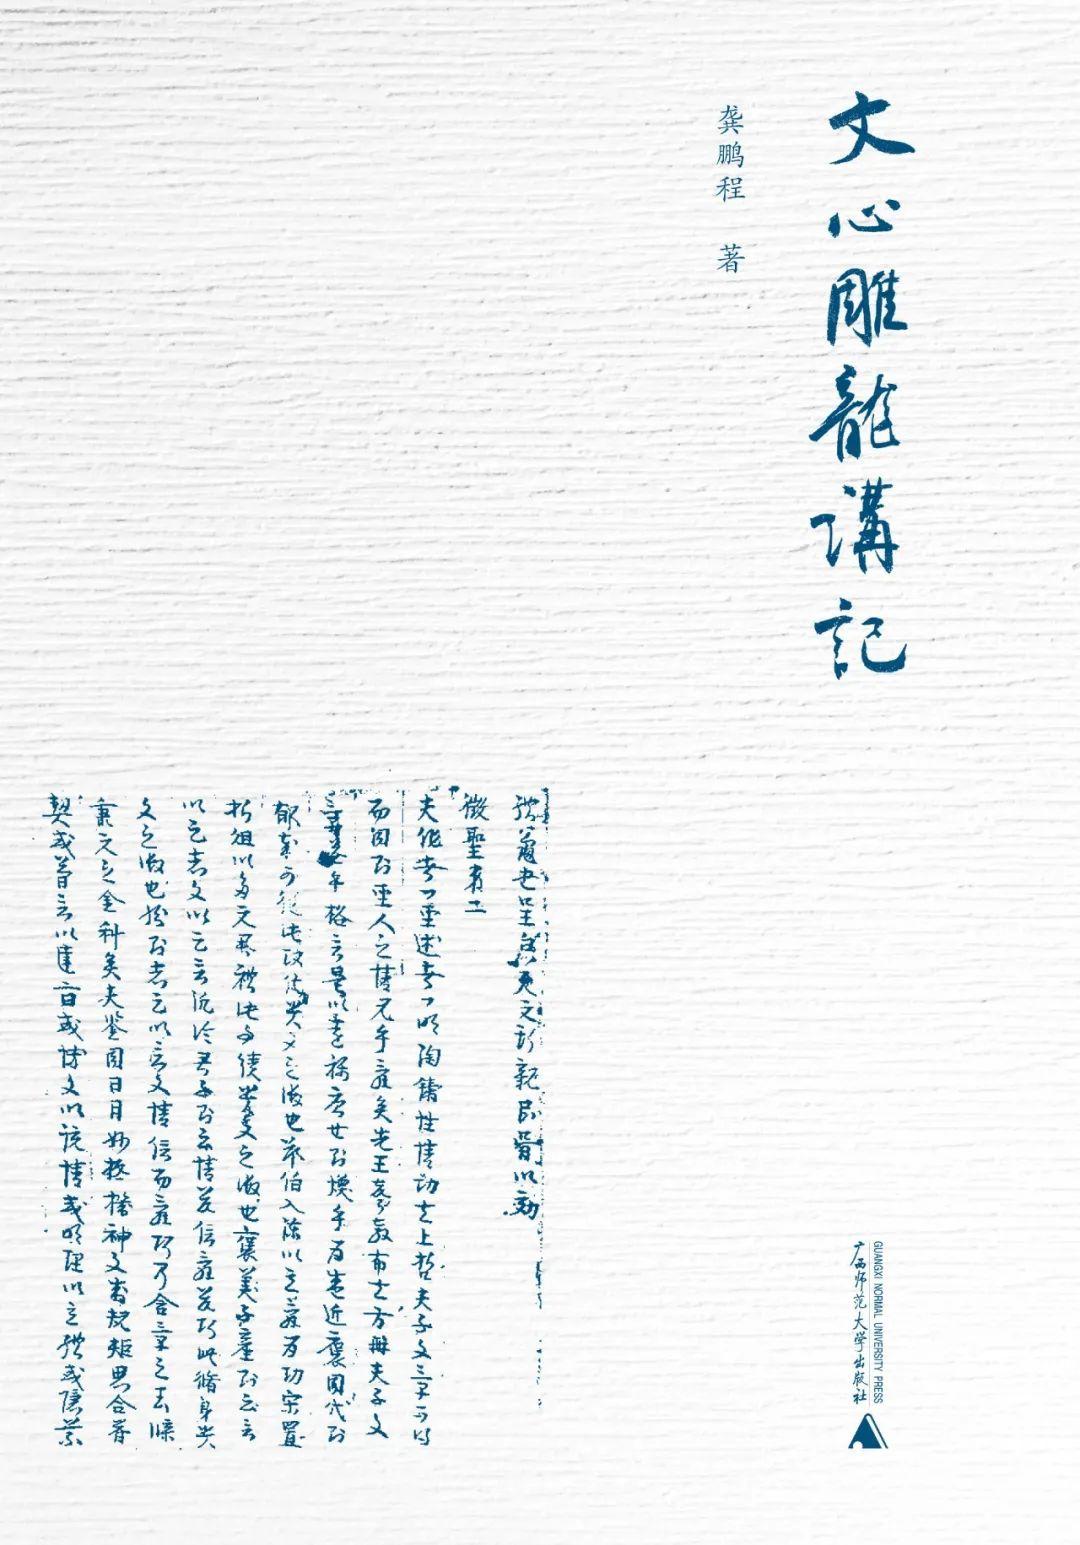 《文心雕龙讲记》,作者:龚鹏程,版本:大学问|广西师范大学出版社 2021年1月